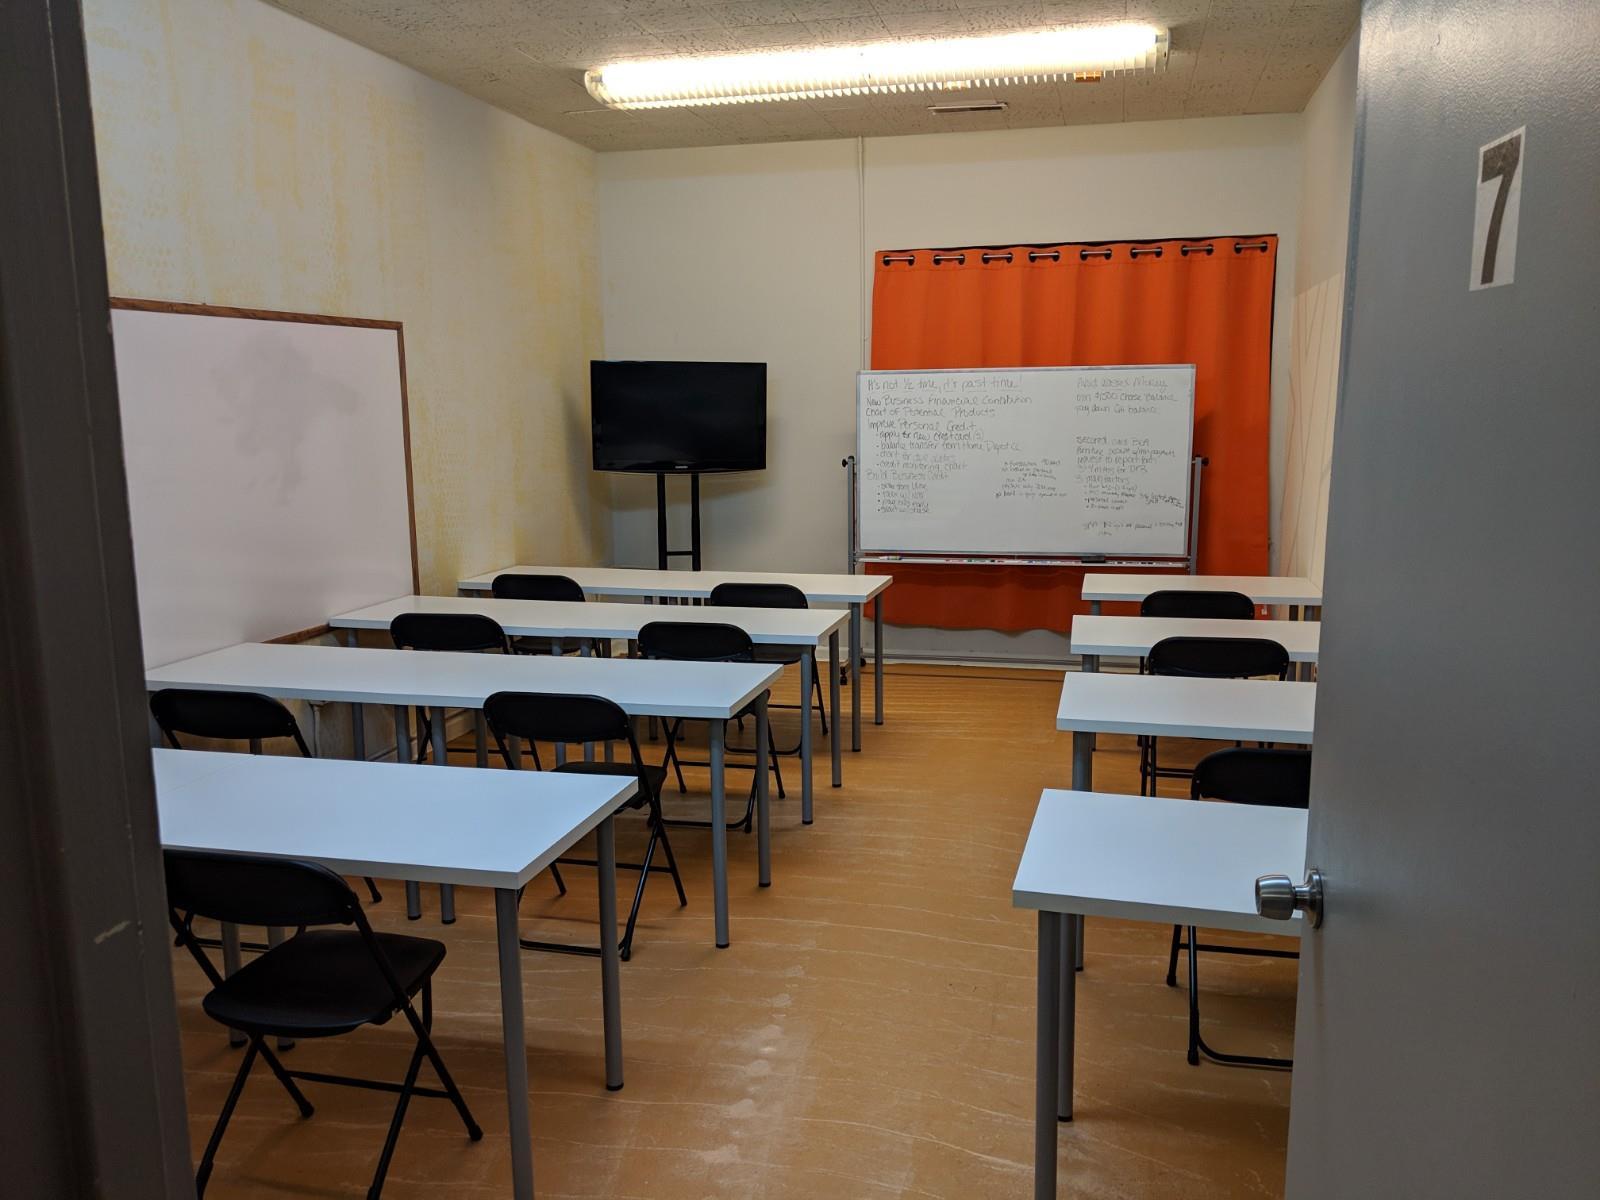 RelayShop SPACES - Workshop, Training & Meeting Room #7